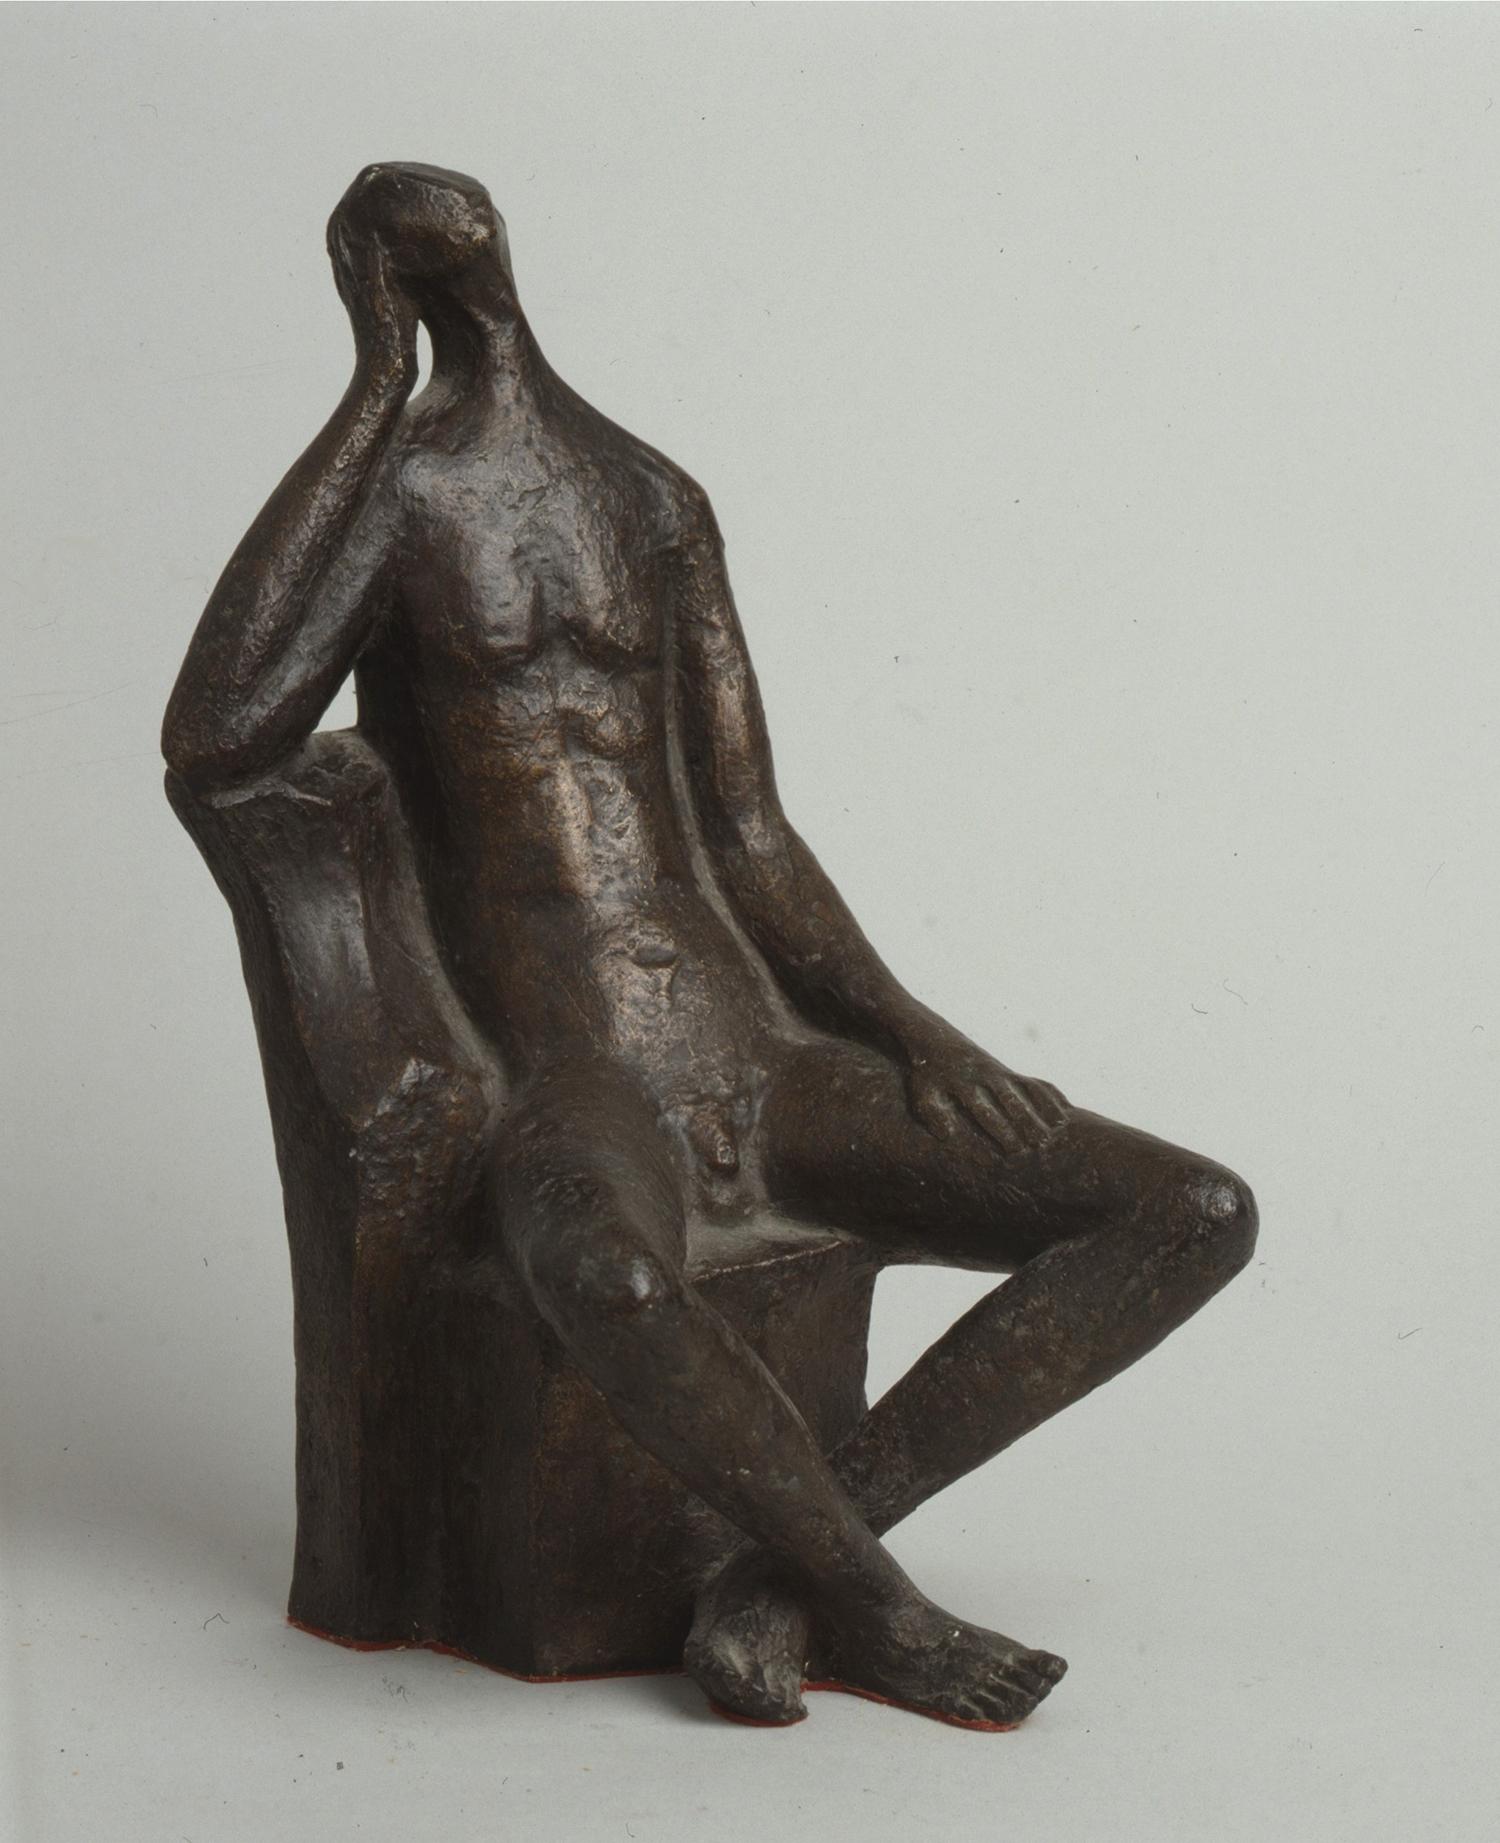 1969.3. Hombre durmiendo, bronce, 25x14x15 cms. Pareja de Desnudo de mujer sentada, 1980. 1969